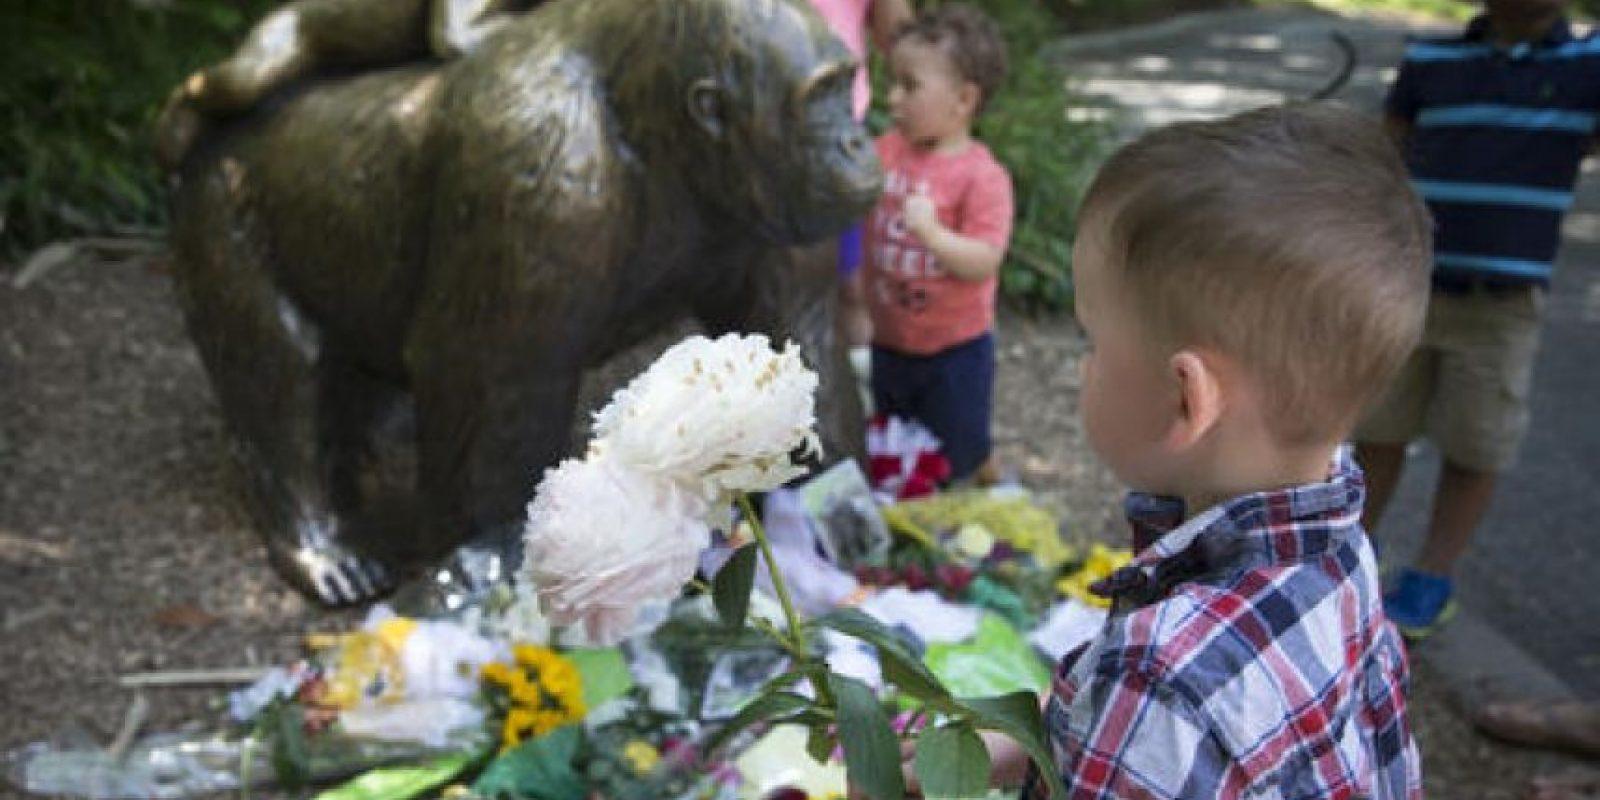 """La muerte del gorilla """"Harambe"""" causó indignación en redes sociales Foto:AP"""